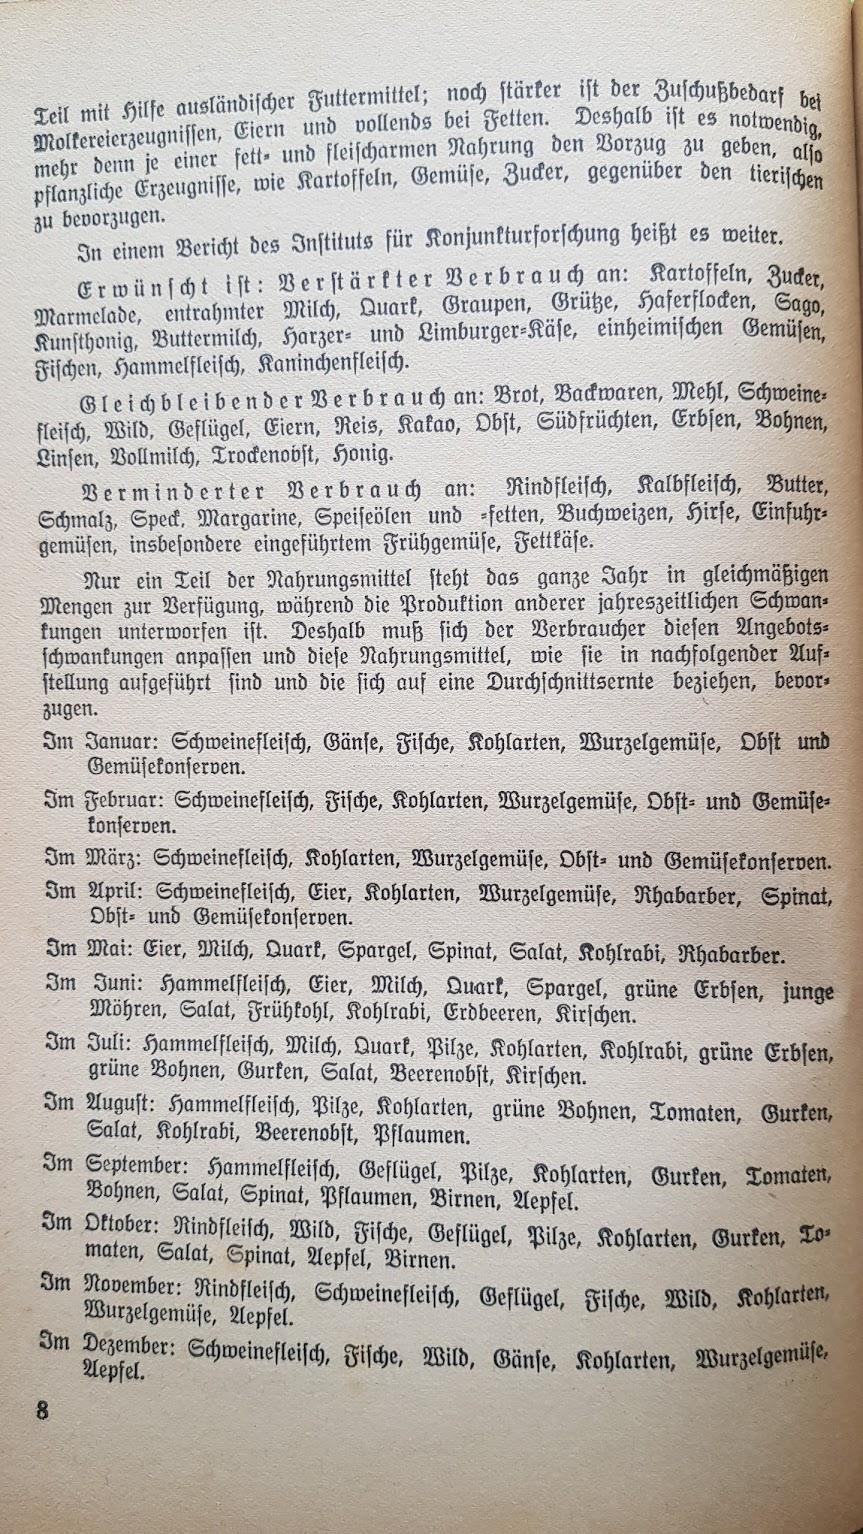 Eugen Bechtel, Nahrhaft, schmackhaft kochen - auch im Krieg!, 1940 - Einteilung